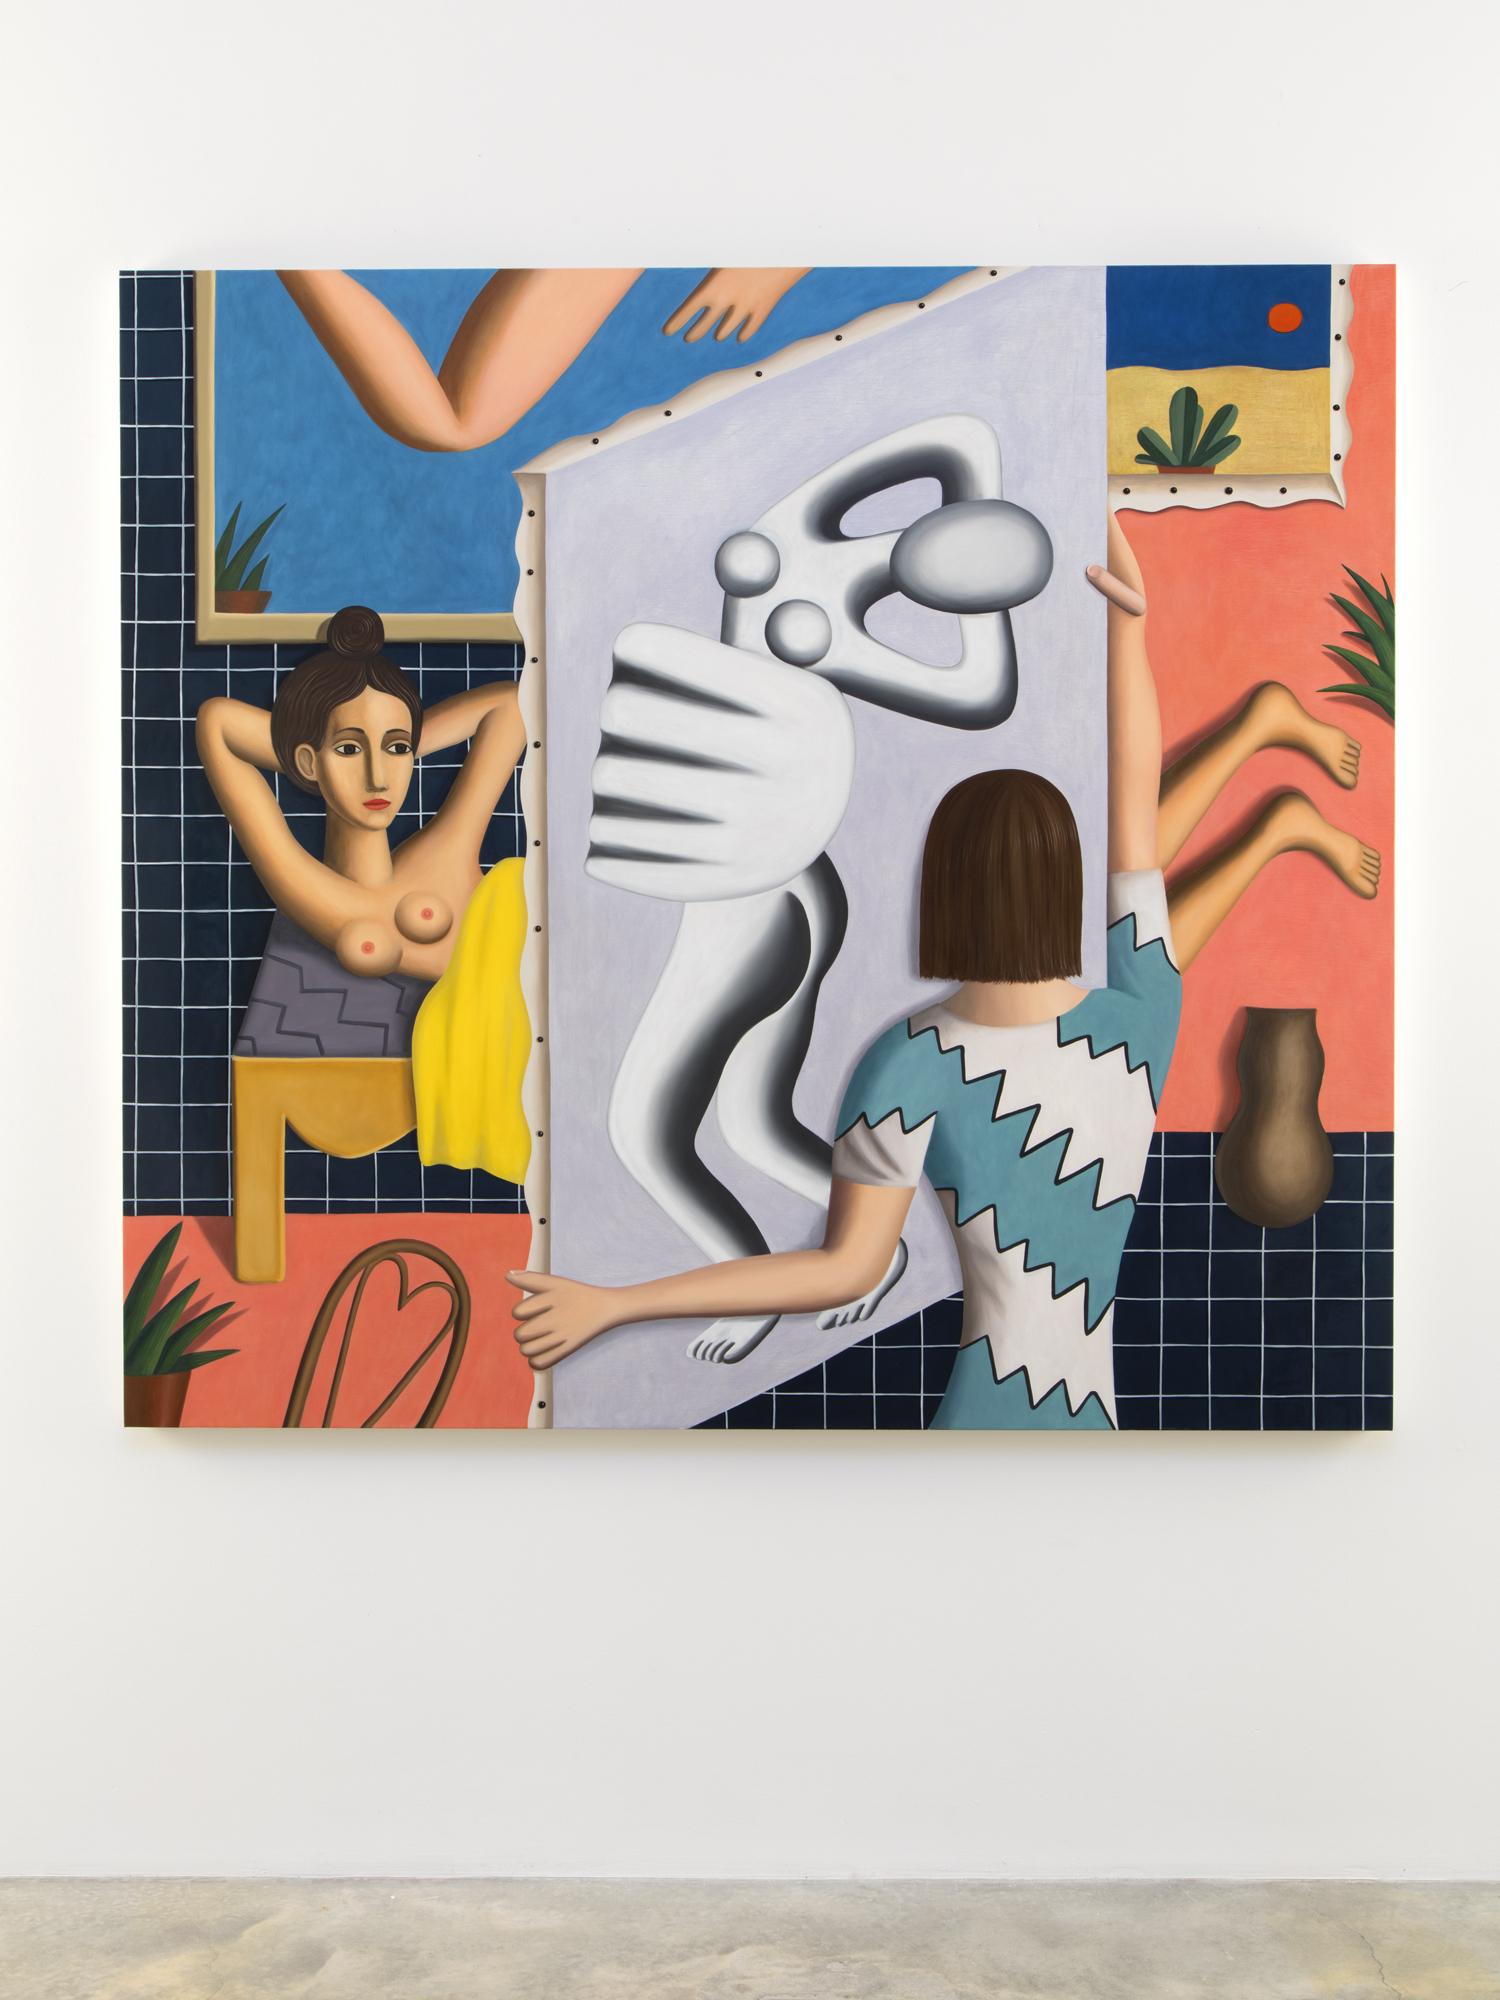 """Jonathan Gardner, The Model, 2016, Oil on linen, 52 x 57"""" / 132.1 x 144.8cm. Photo: Jean Vong"""